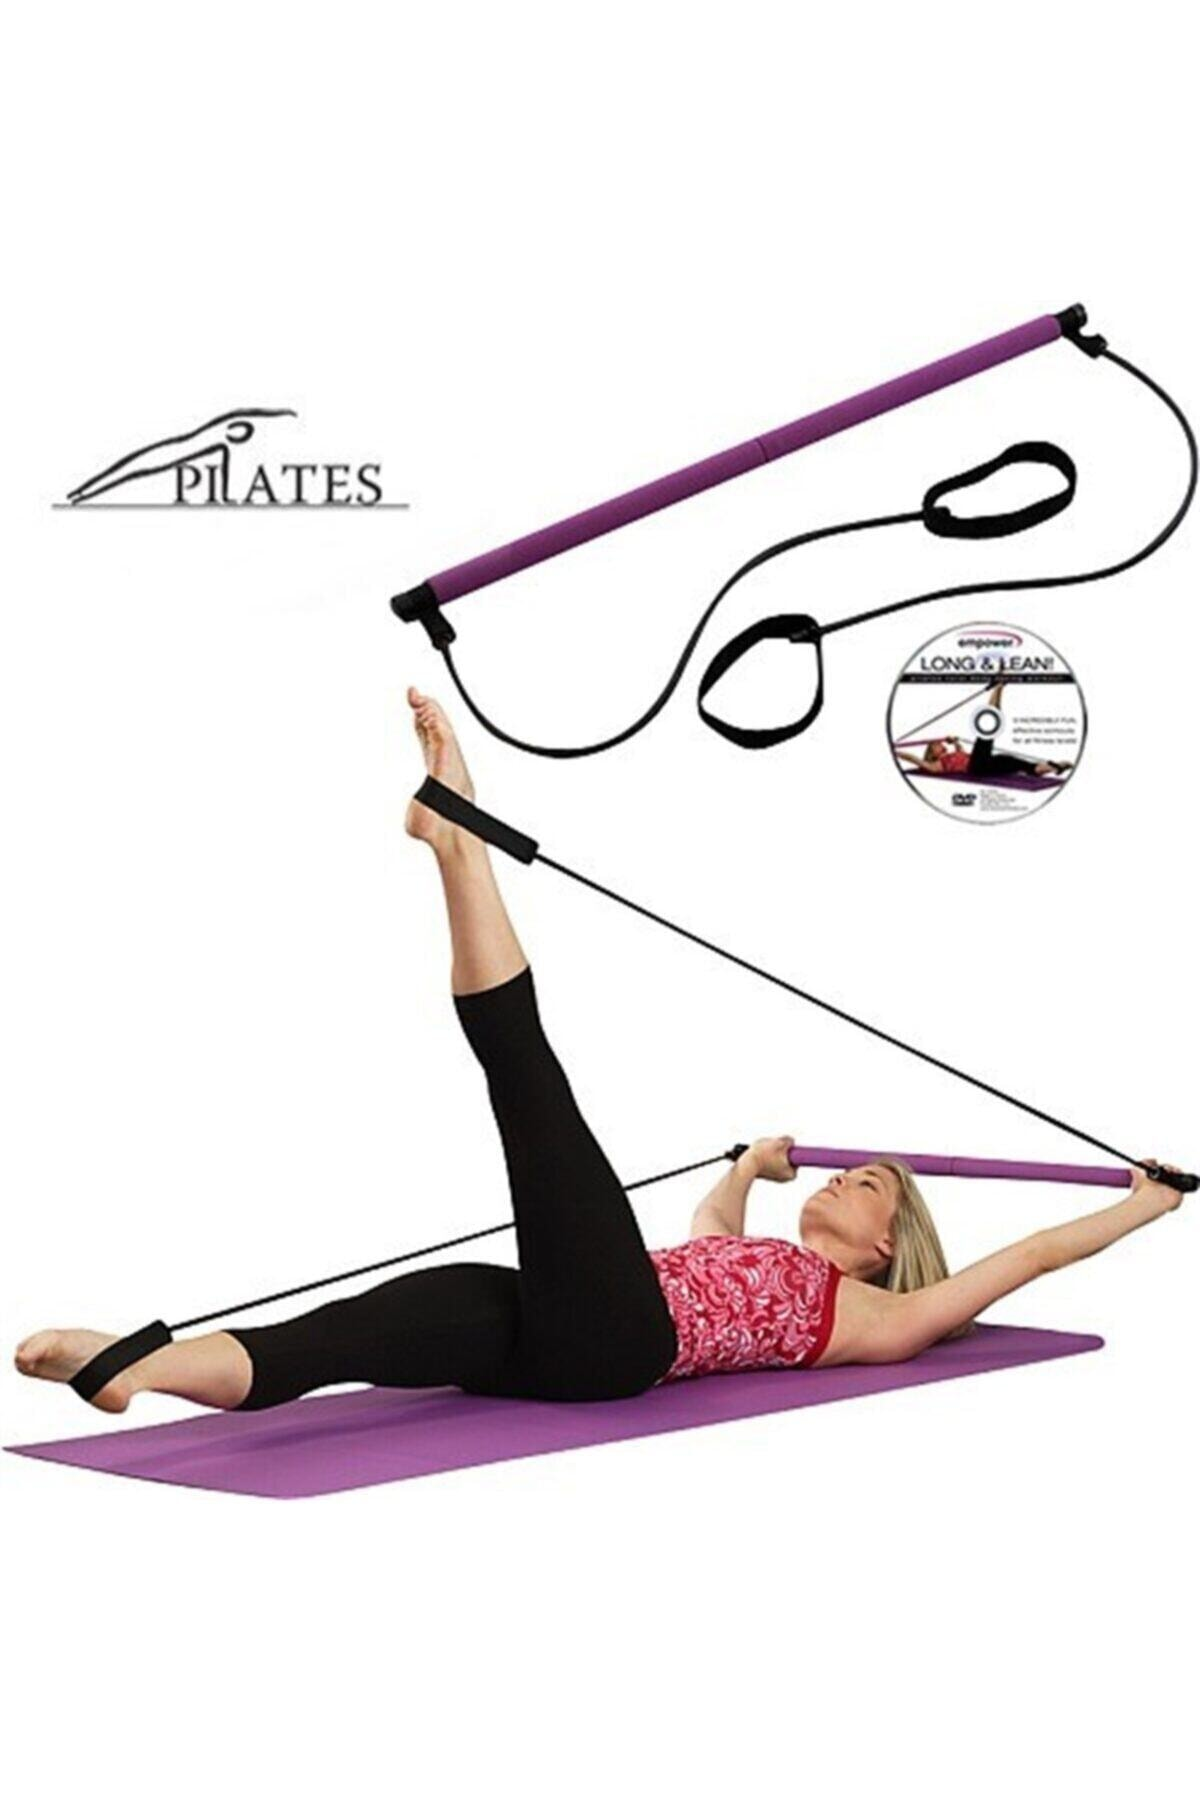 Jimnastik Çubuğu (Plates Barı) Taşınabilir